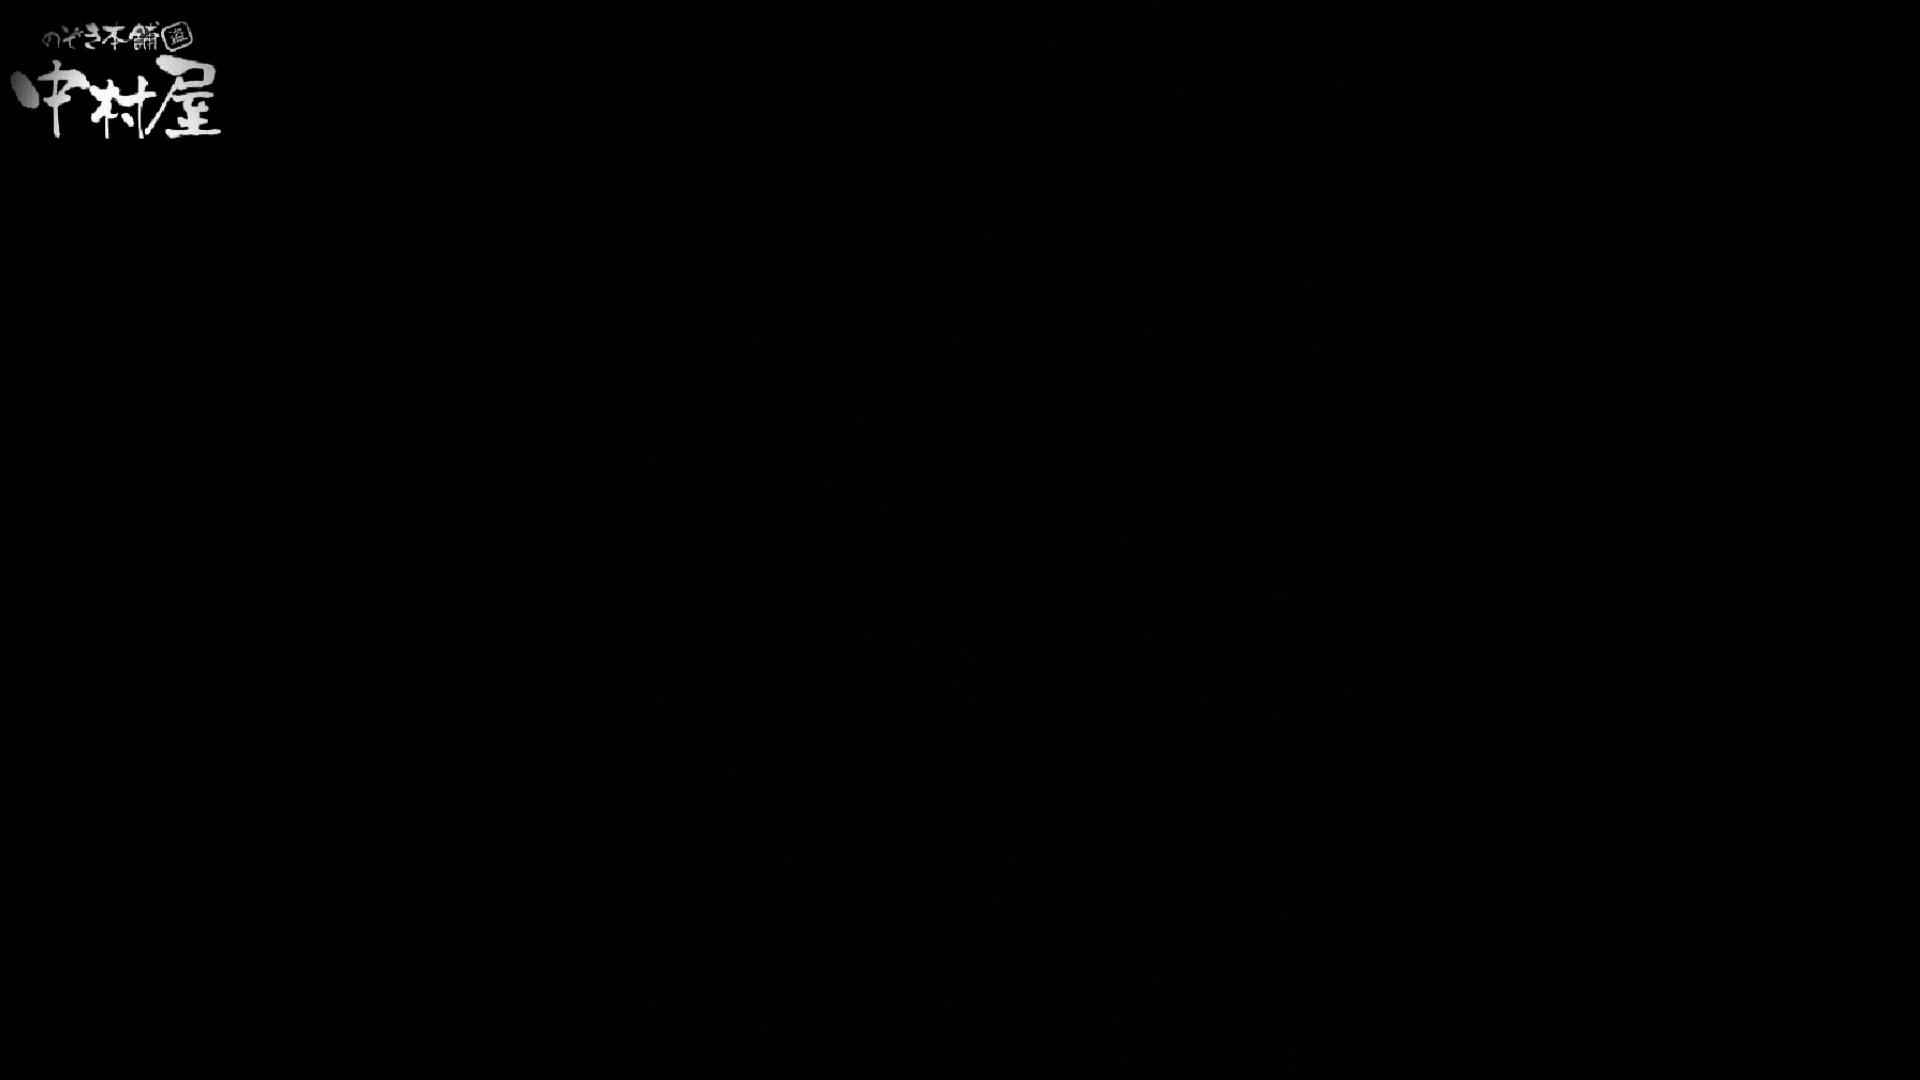 民家風呂専門盗撮師の超危険映像 vol.006 美女 エロ無料画像 109連発 28